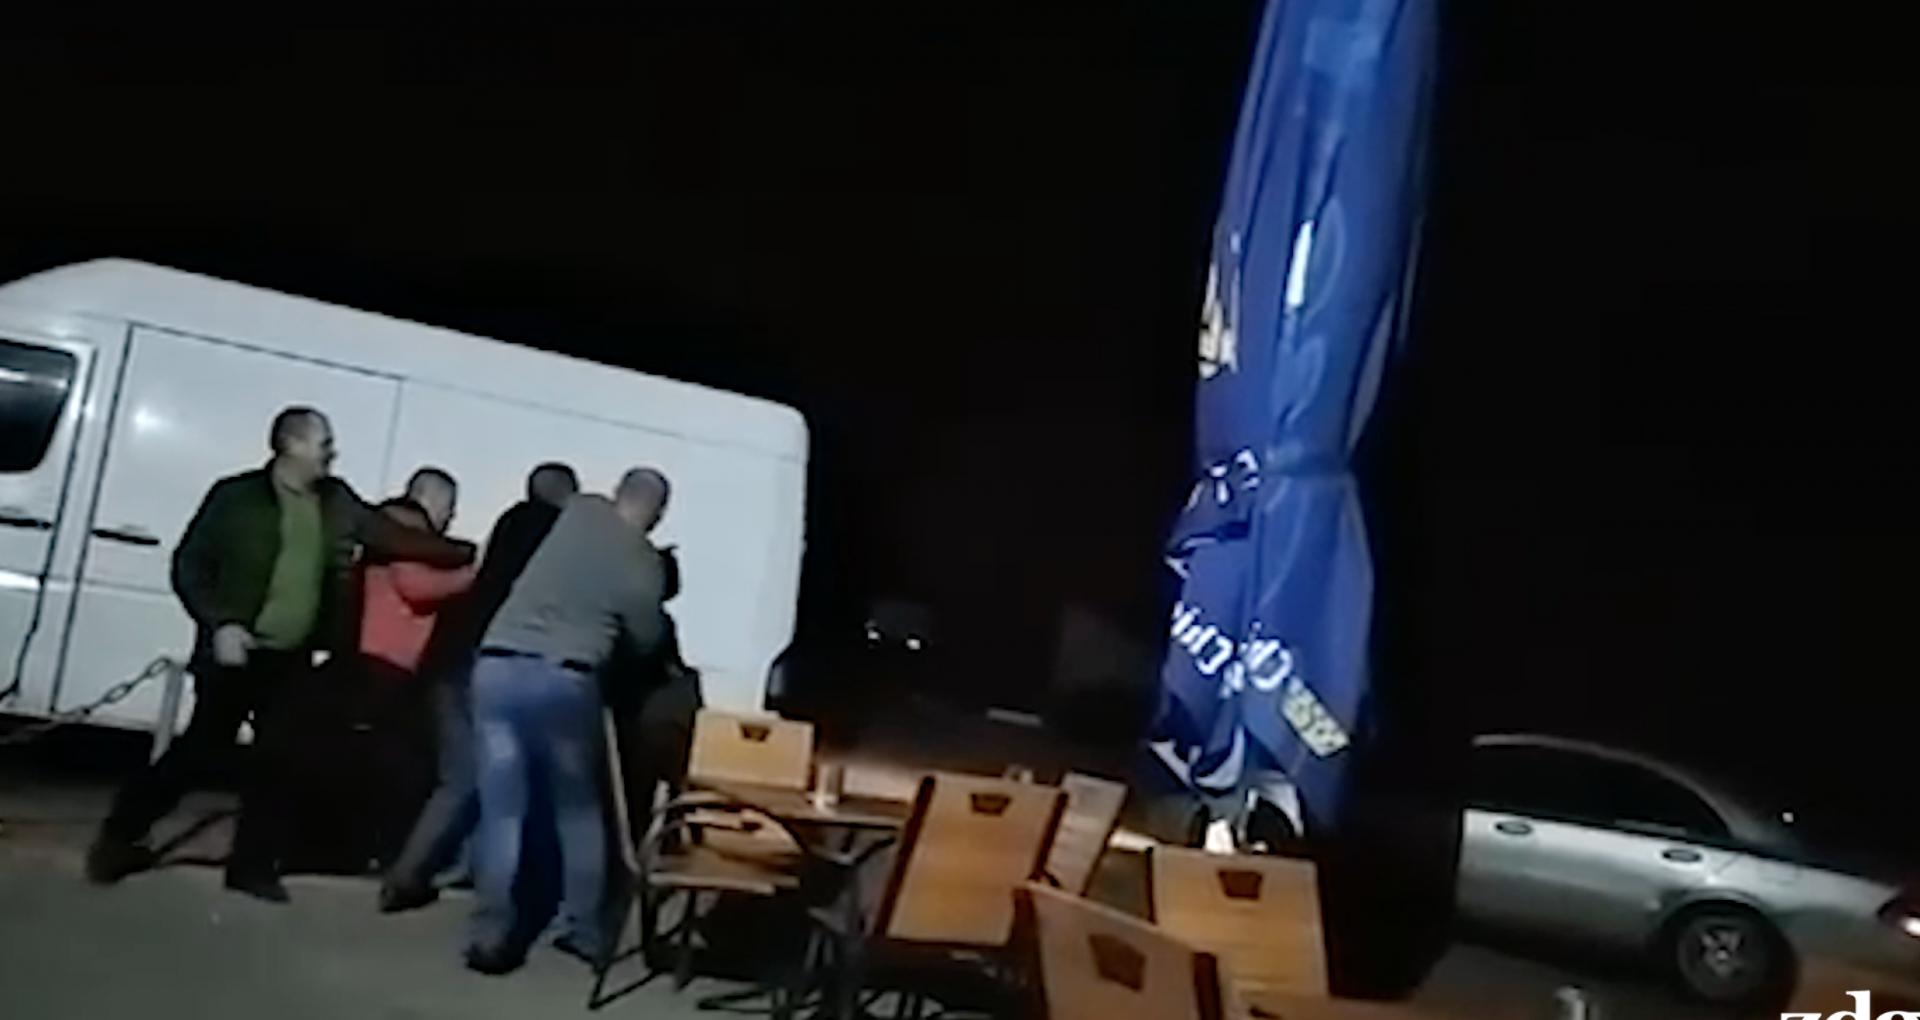 VIDEO/ Bătaie cu iz electoral la Edineț. Șeful pădurarilor din regiune lovește și înjură un subaltern